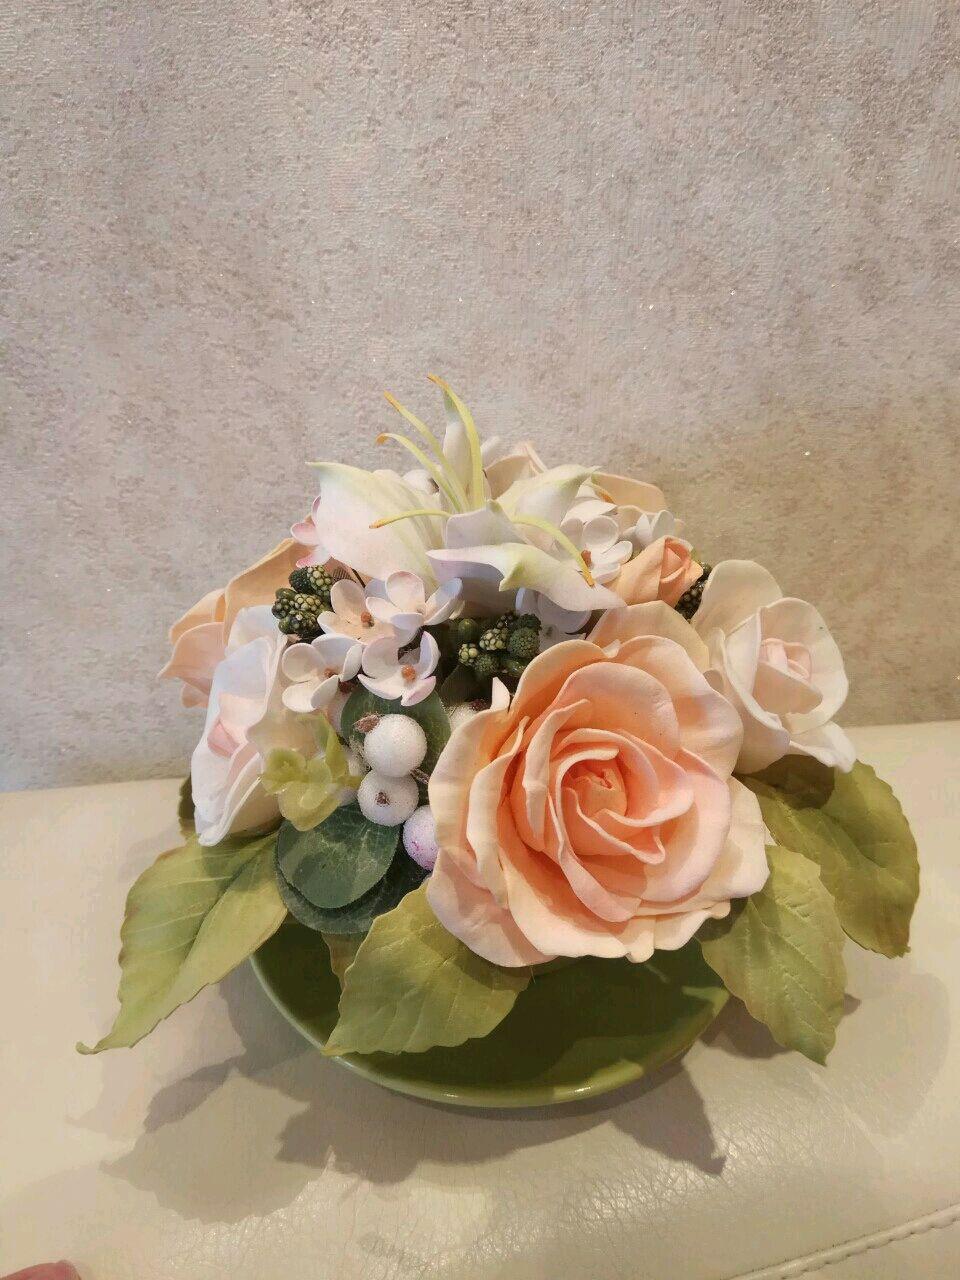 Интерьерные композиции ручной работы. Ярмарка Мастеров - ручная работа. Купить Букет из роз в нежной чашечке (Чайная роза). Handmade.